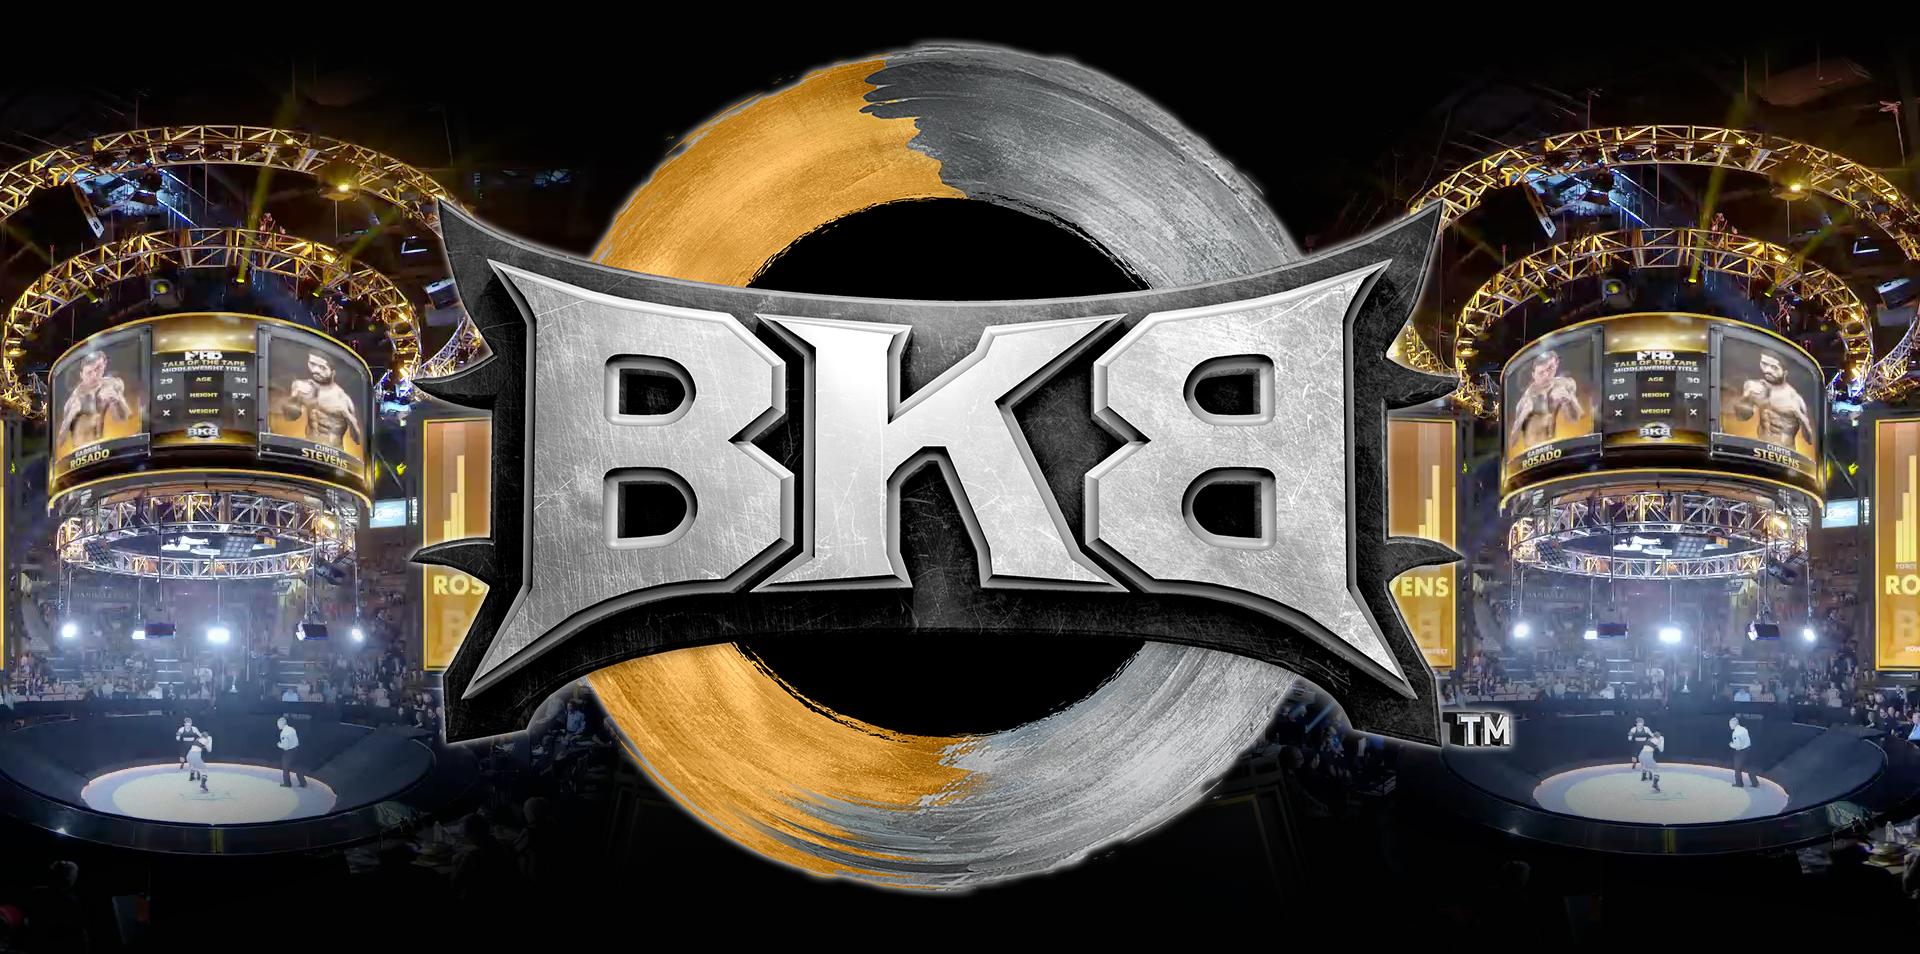 bkb_16-9_appScreen